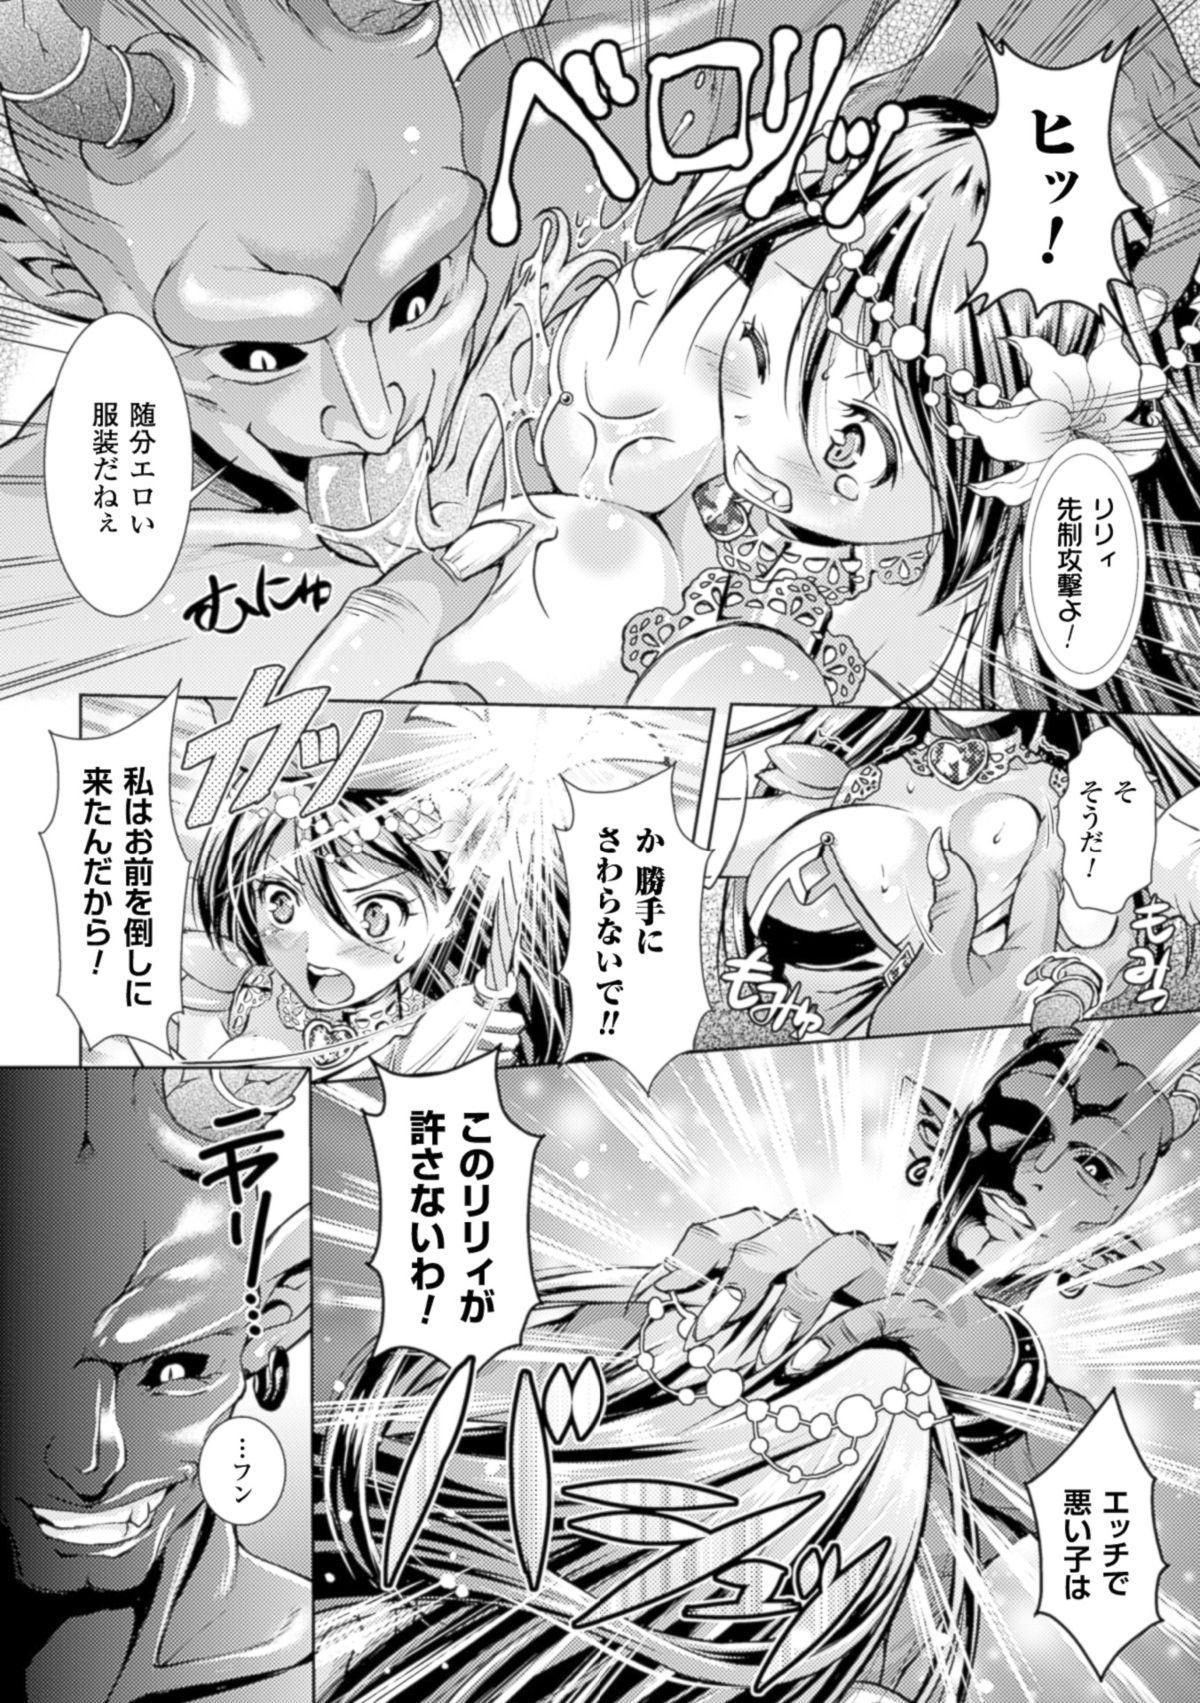 Shoujo wa Osuyoku de Harami Chiru 29